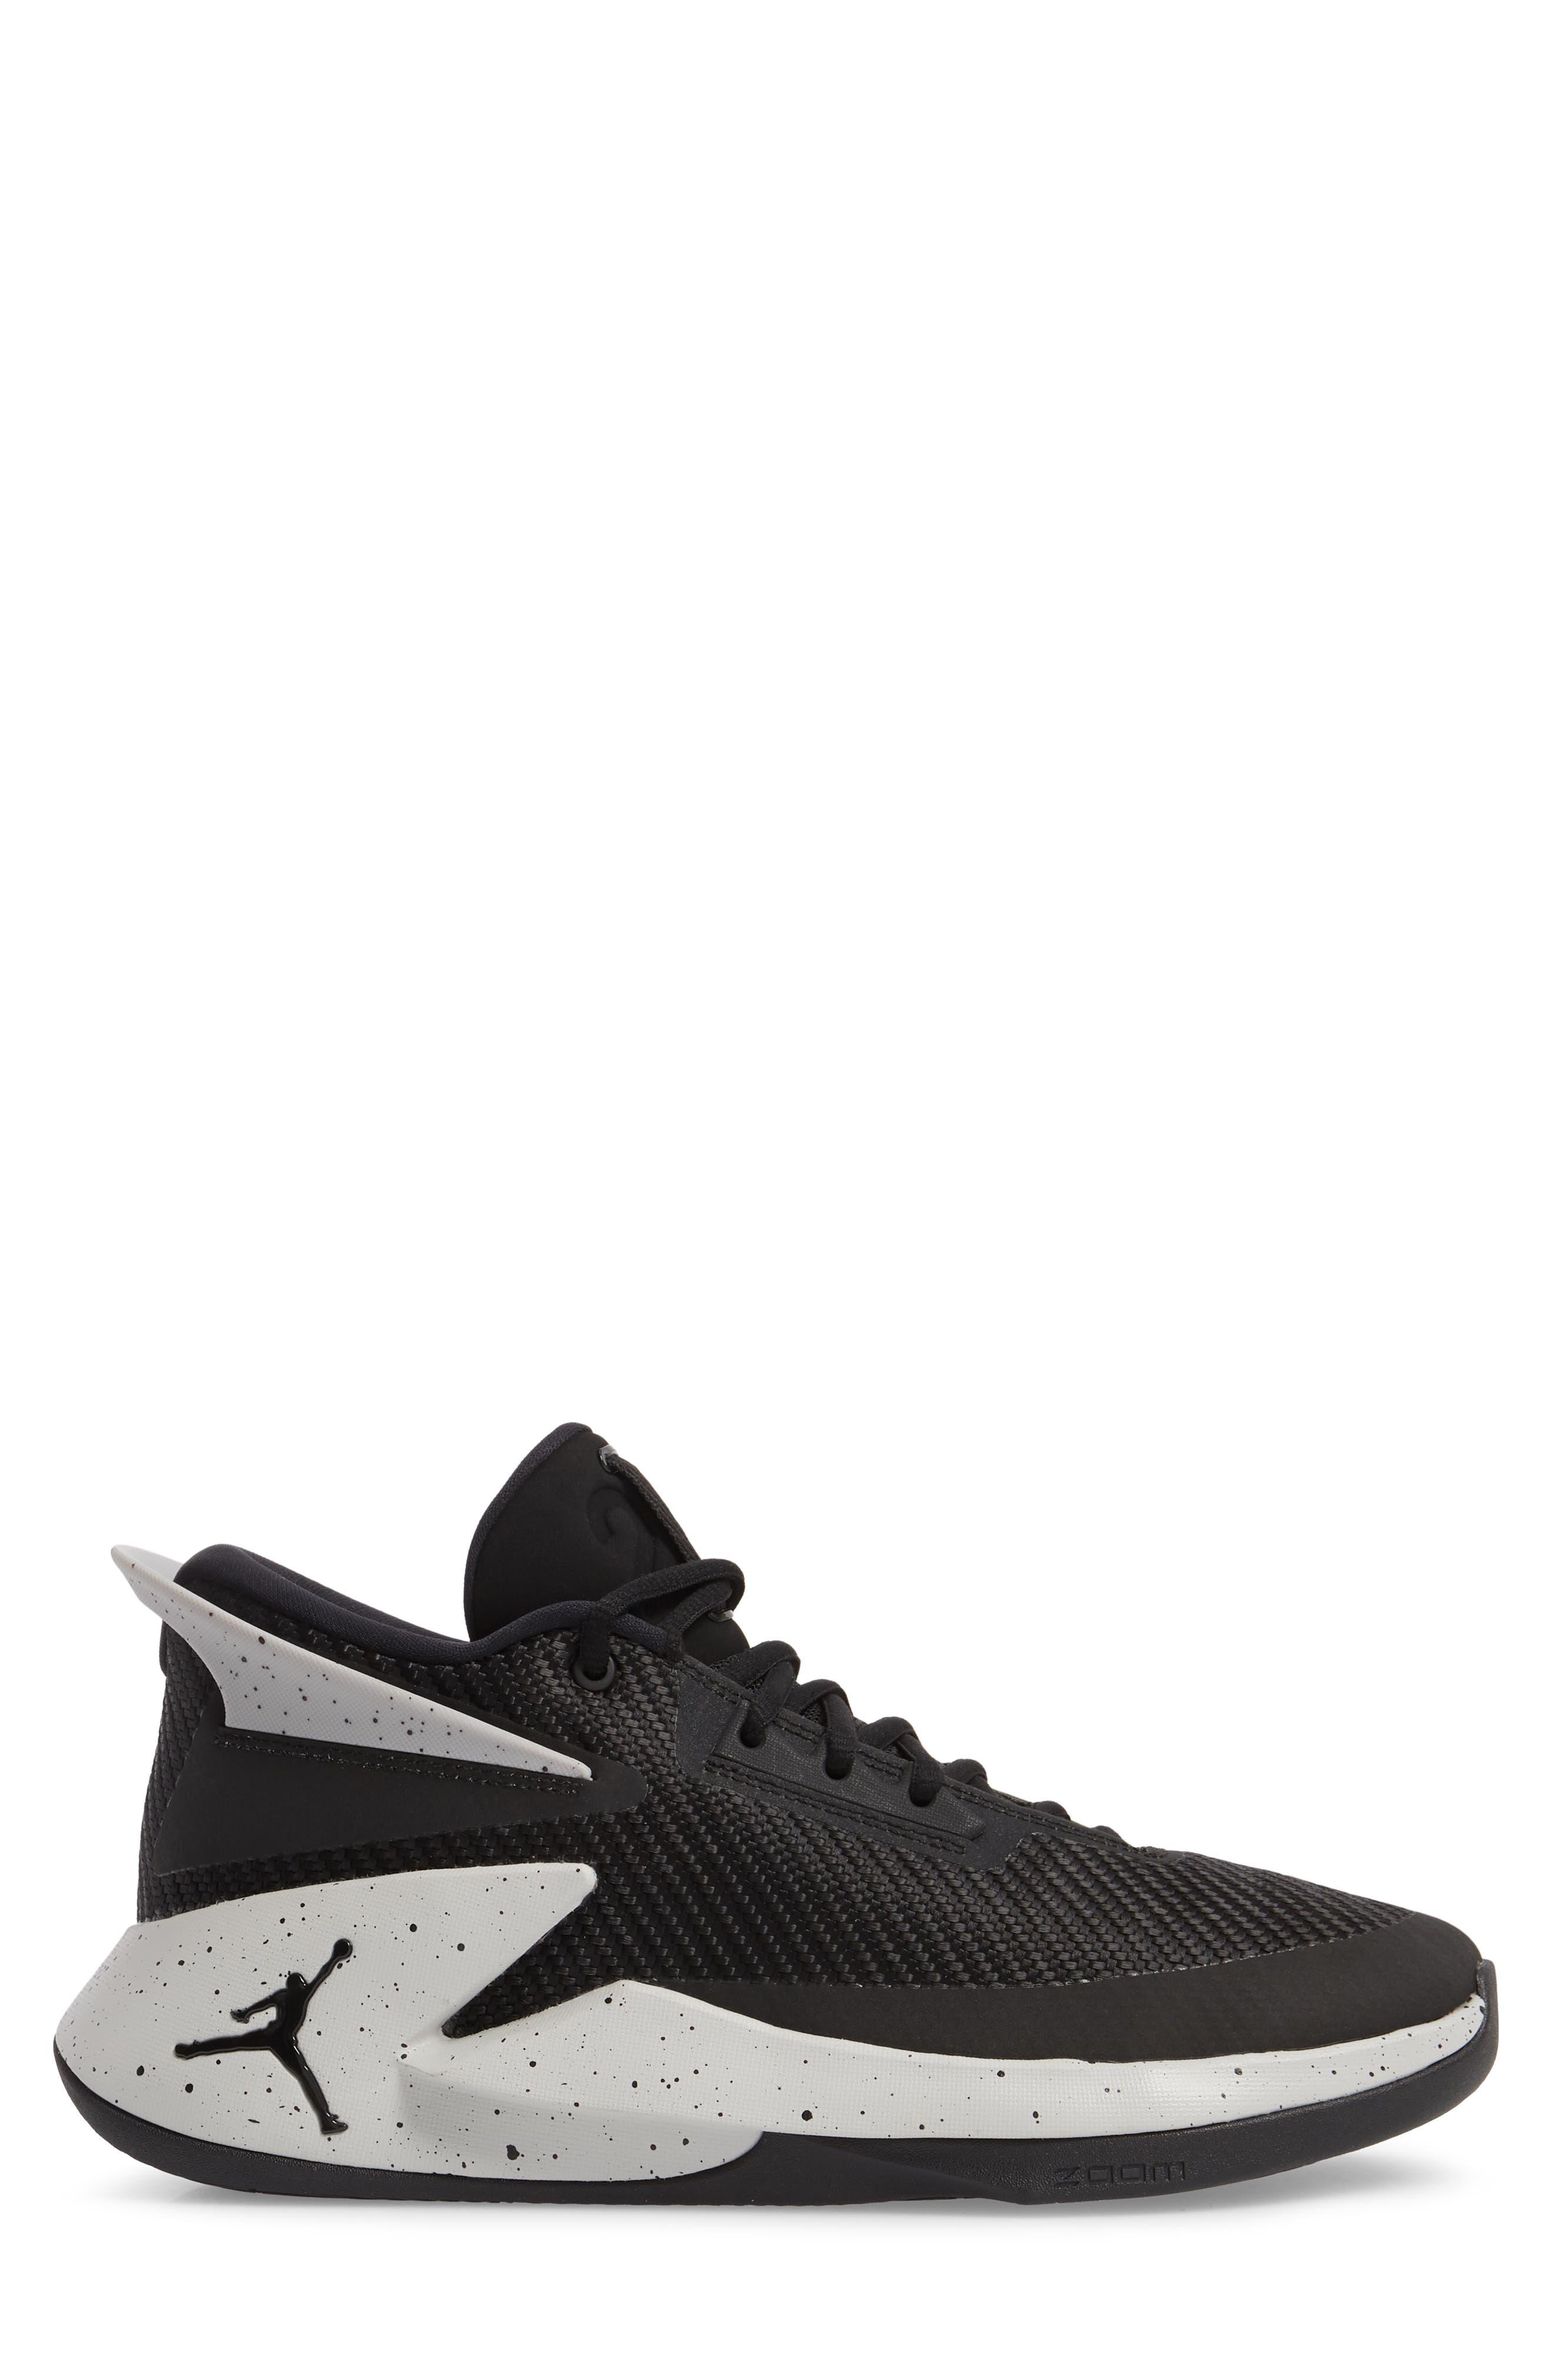 Jordan Fly Lockdown Sneaker,                             Alternate thumbnail 3, color,                             010